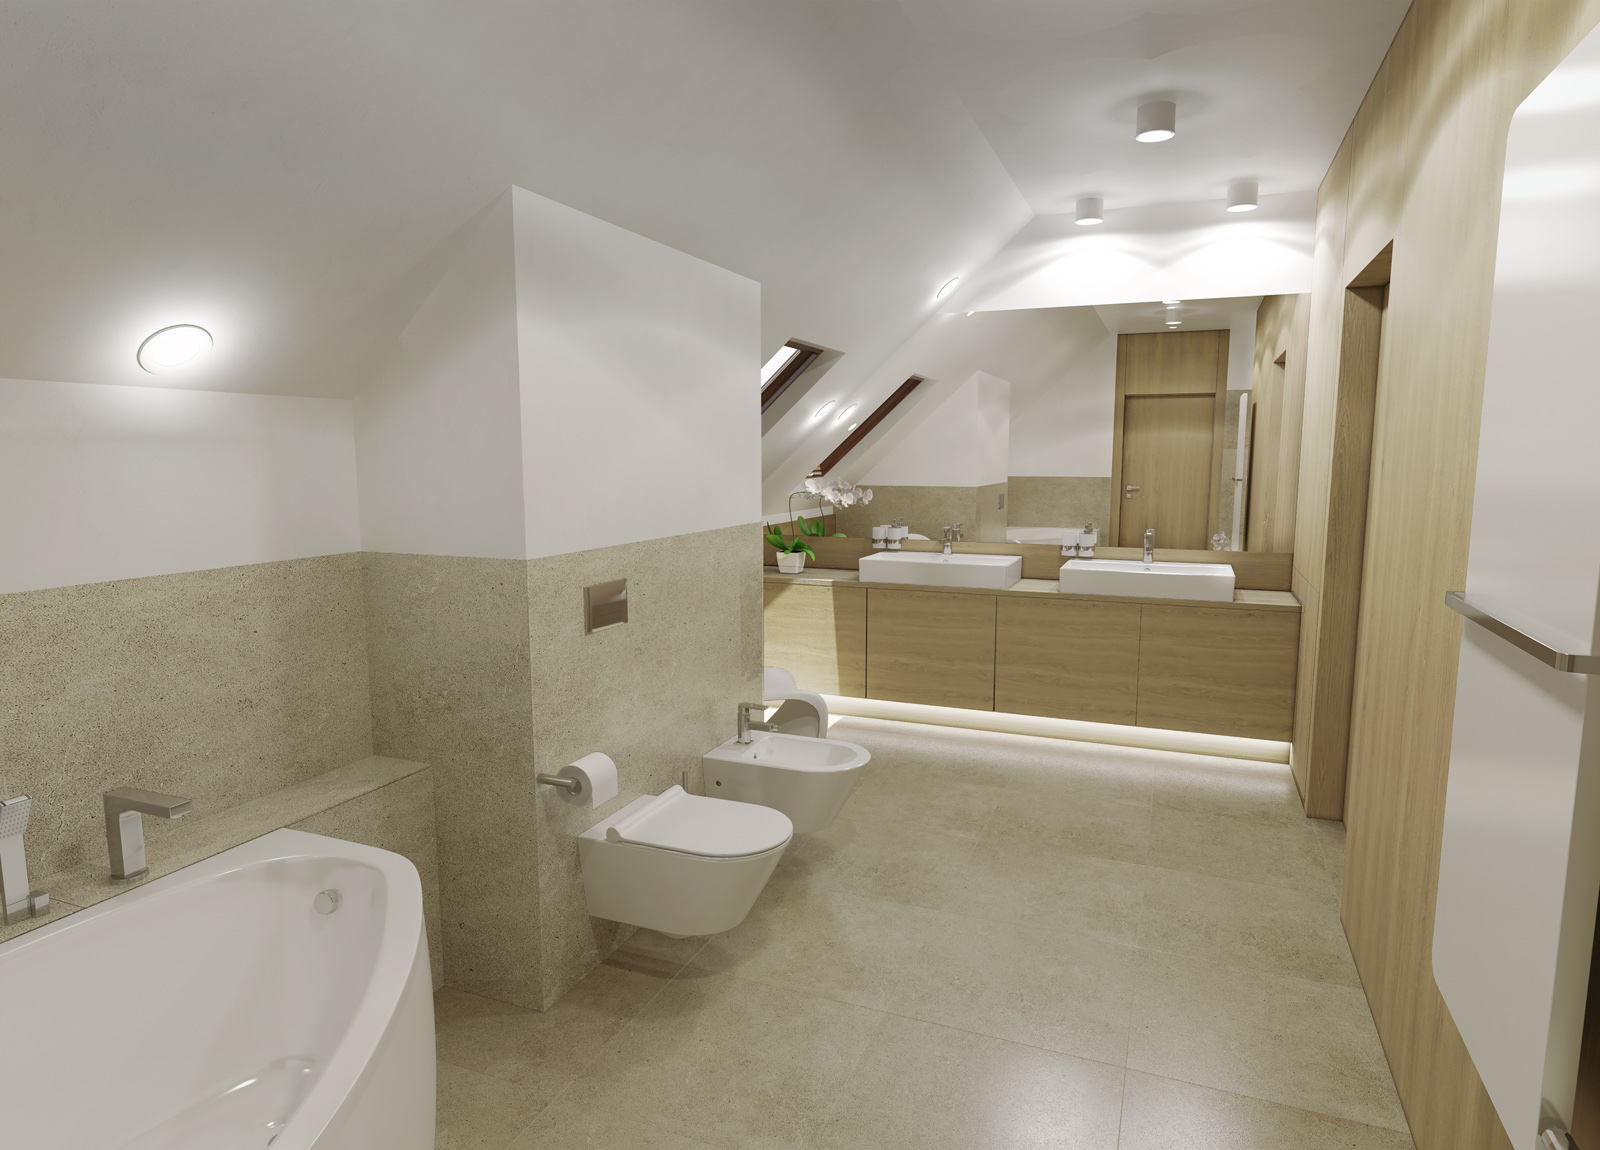 Wizualizacja łazienka Na Poddaszu W Drewnie Colormedia